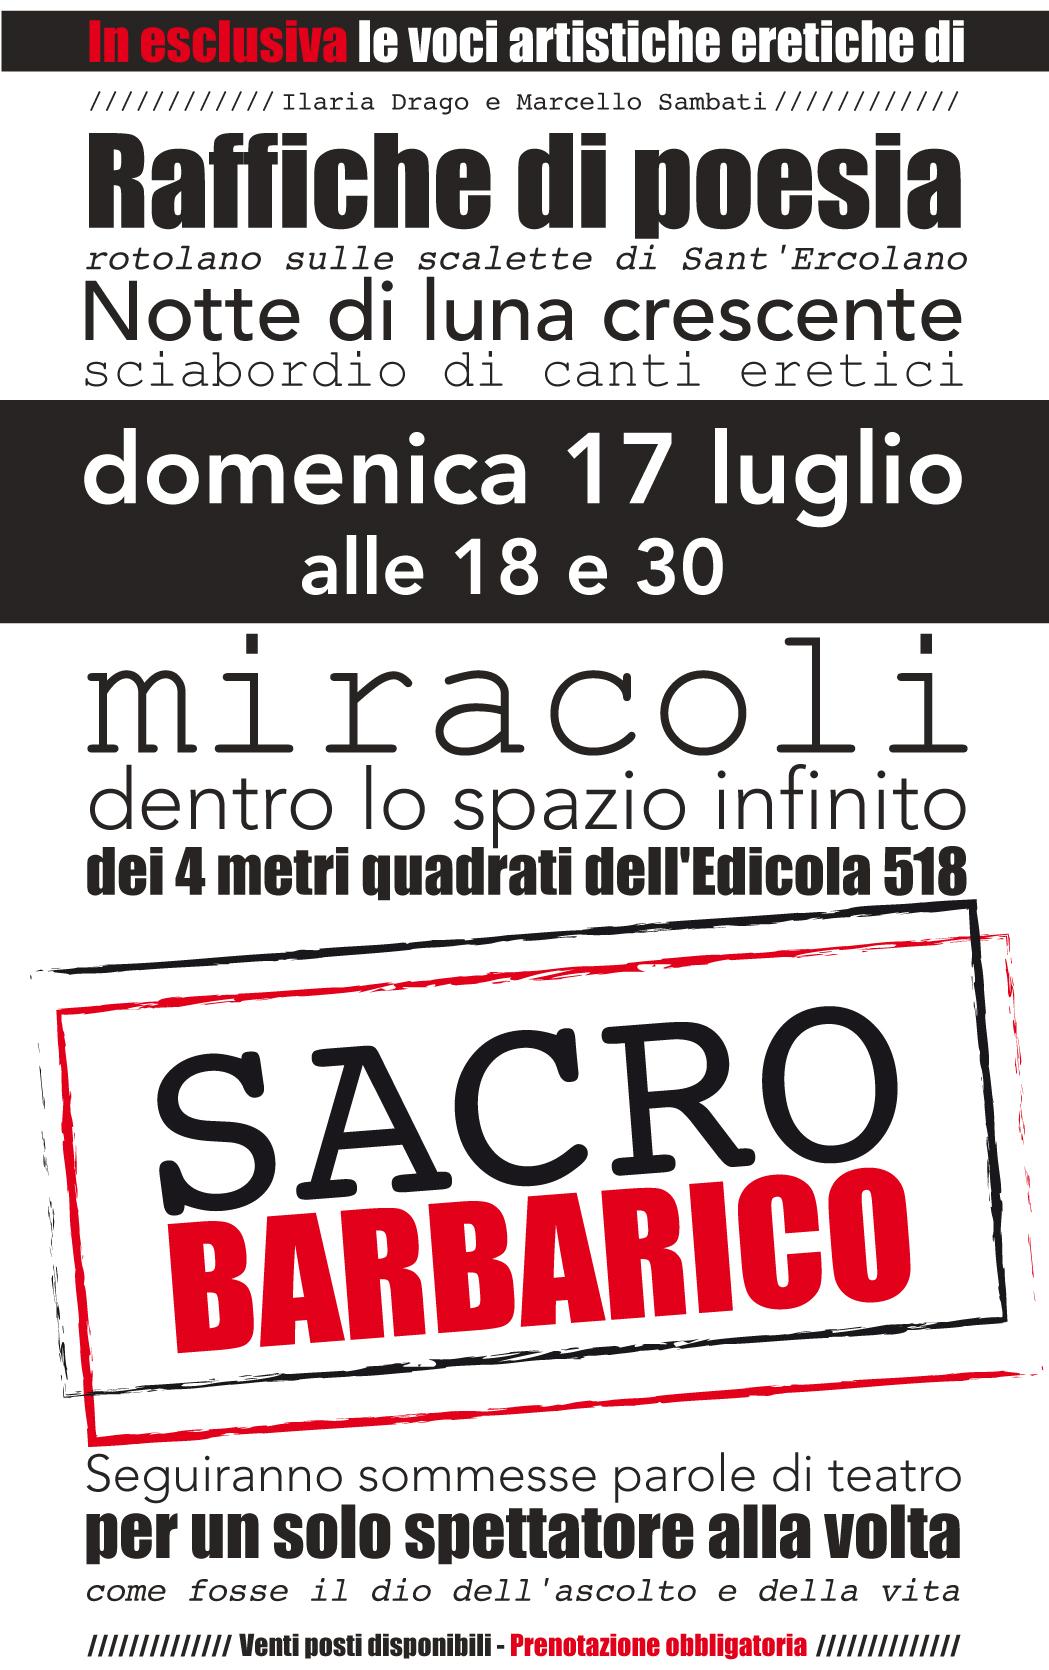 La serata da Edicola 518 con Ilaria Drago e Marcello Sambati